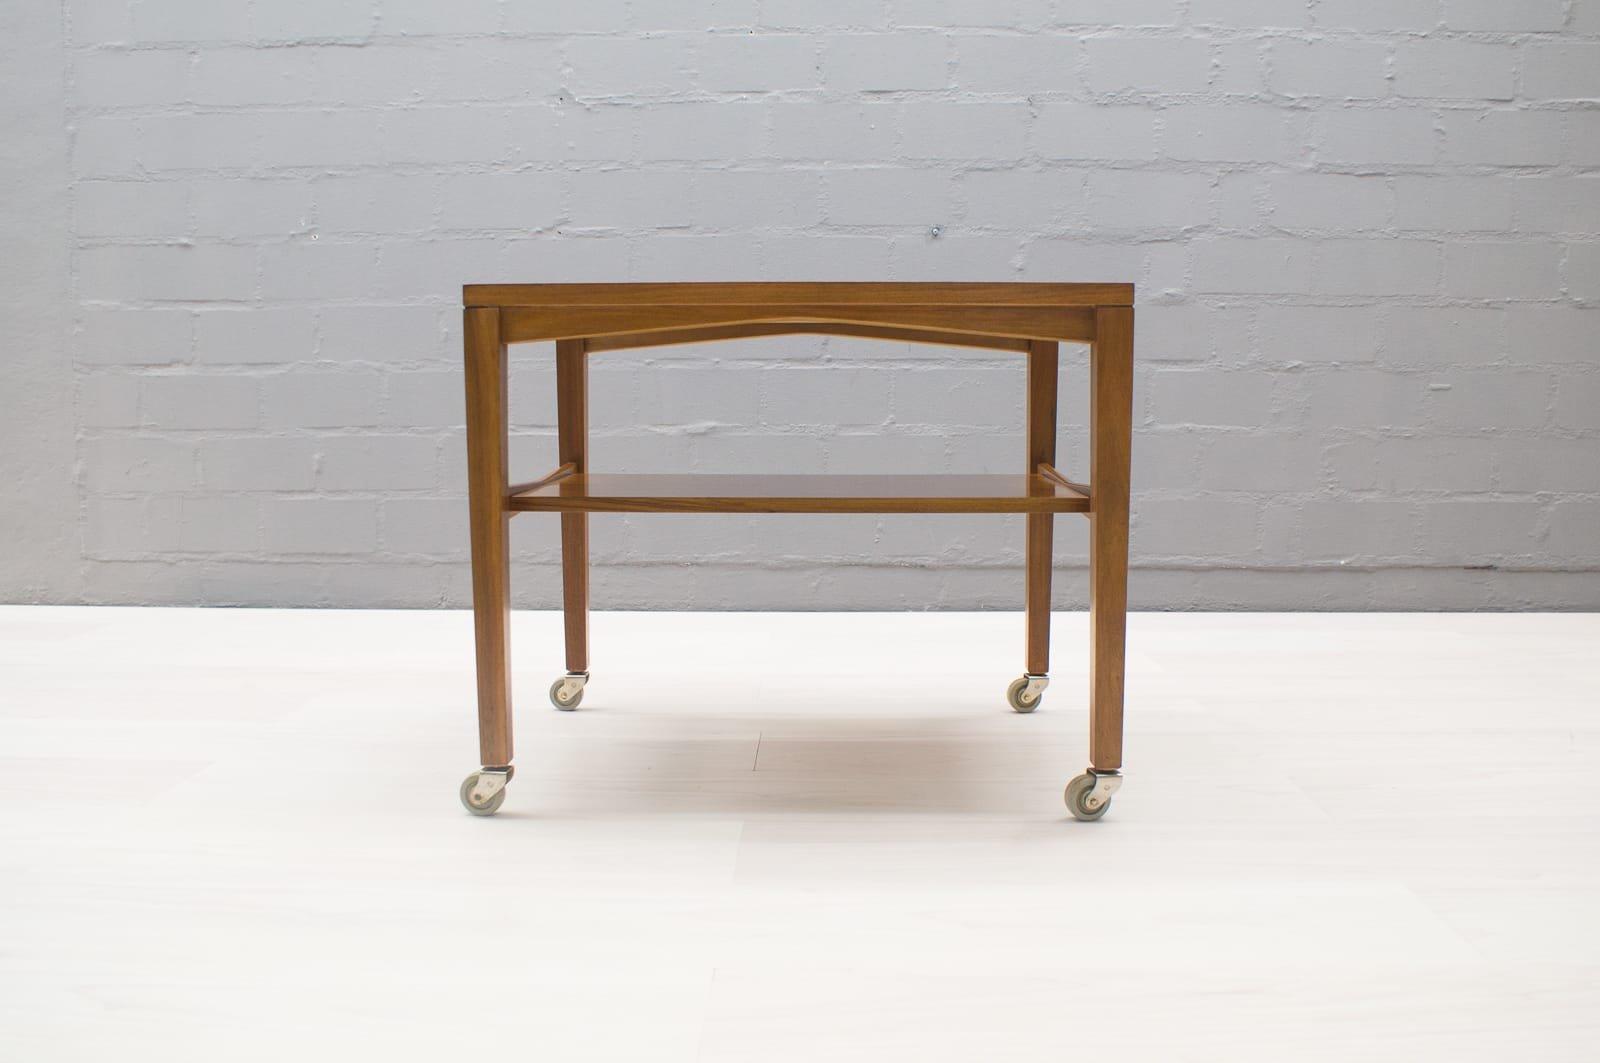 beistelltisch auf rollen von wilhelm renz 1960er bei pamono kaufen. Black Bedroom Furniture Sets. Home Design Ideas